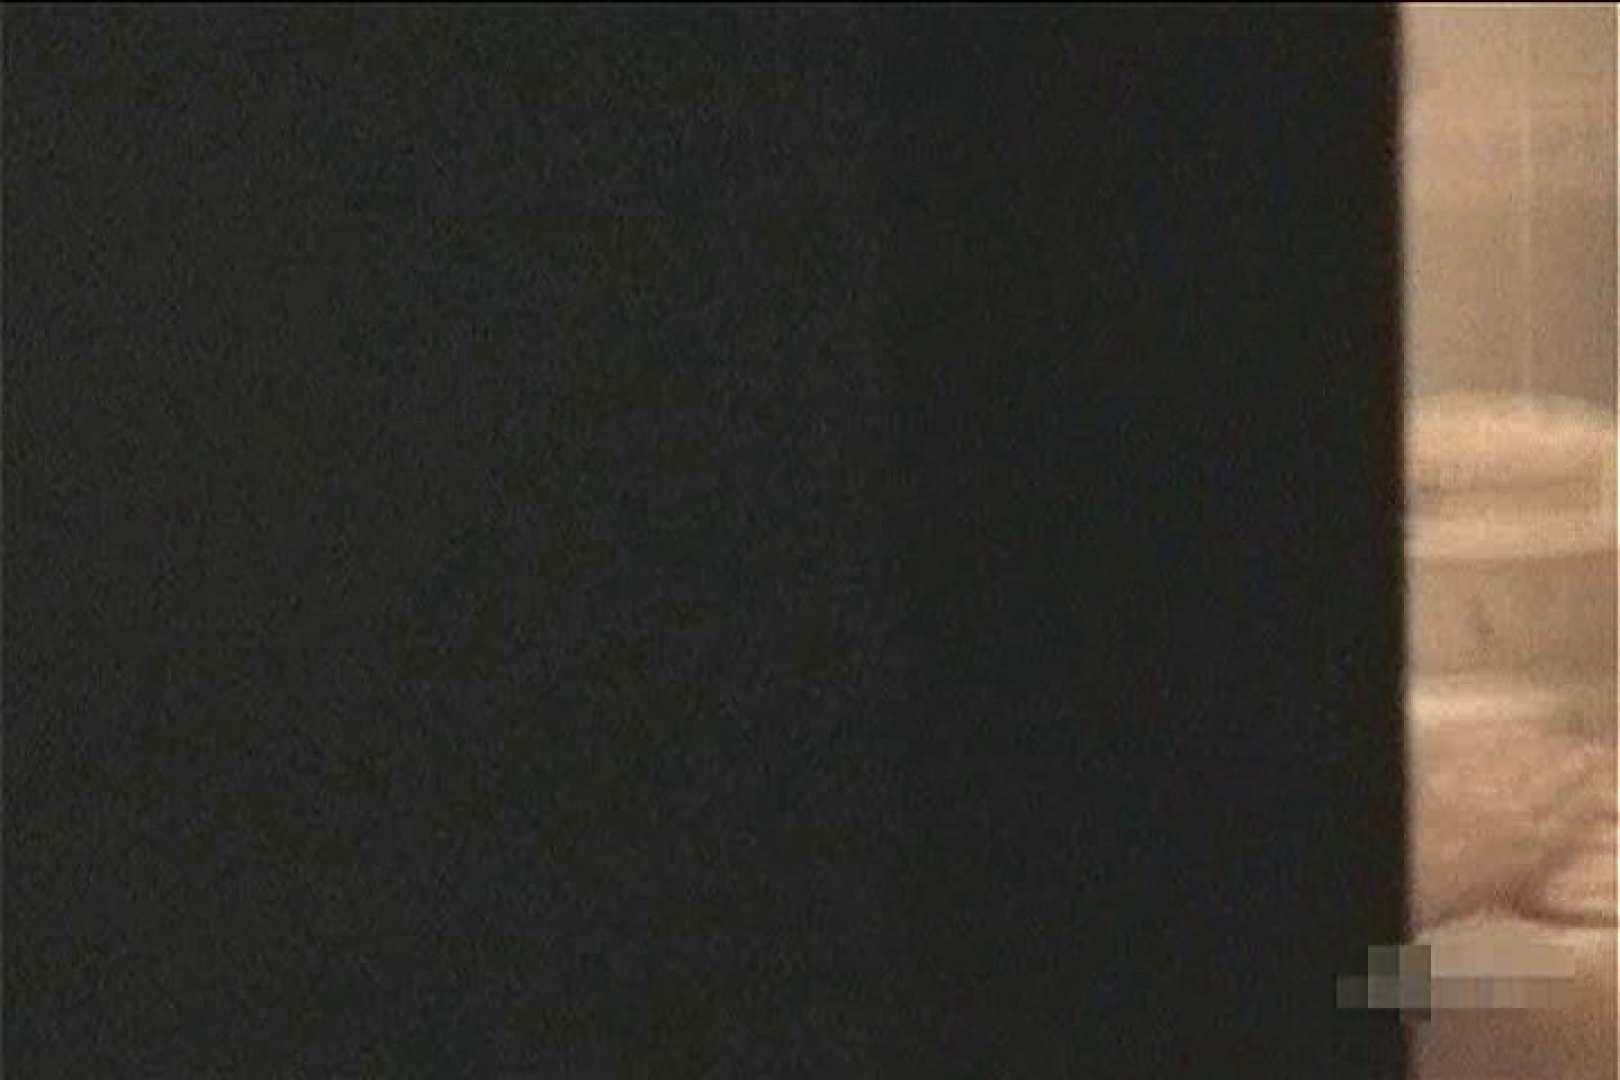 激撮ストーカー記録あなたのお宅拝見しますVol.8 カップル記念日 えろ無修正画像 110連発 83